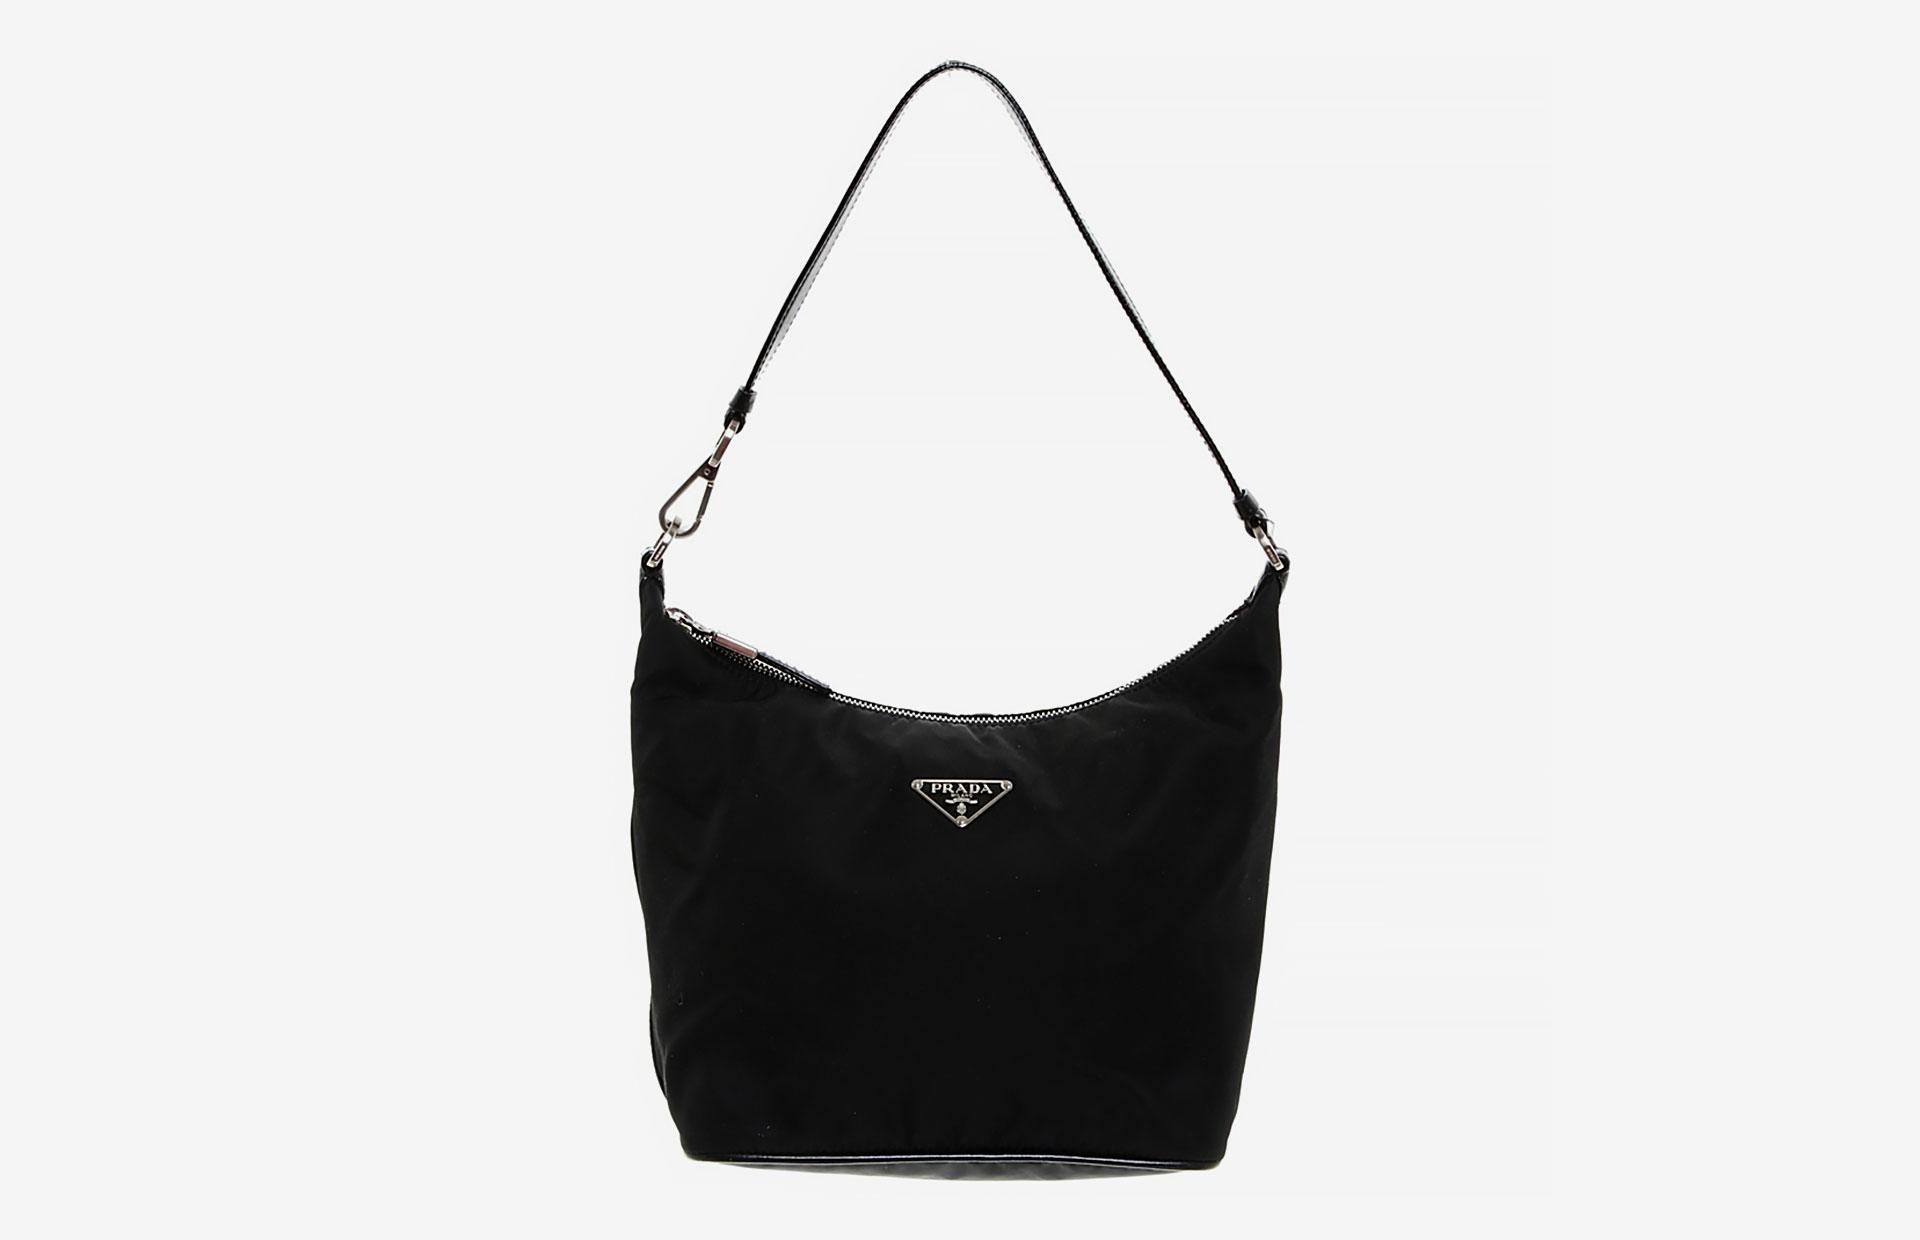 b1e7b0f37503 Люксовая сумка не за безумные тысячи: почему это модно и где ее купить ::  Мода :: РБК Pink